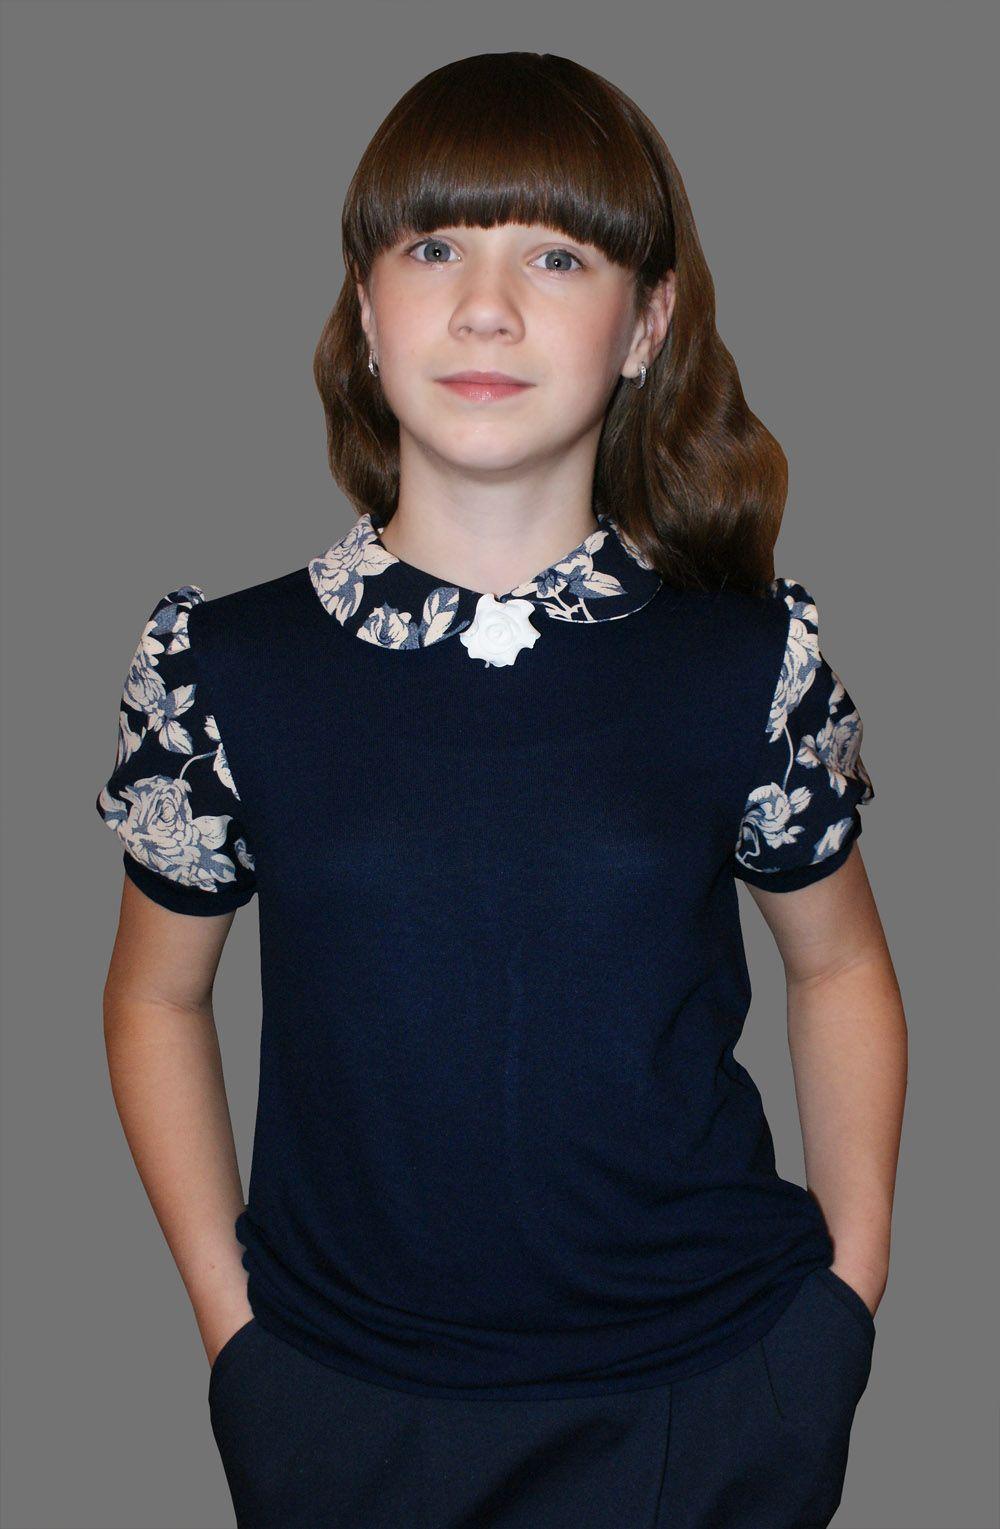 Сбор заказов. М@ттiель-31. РАСПРОДАЖА!!! Коллекция нарядных блузок для школы и трикотаж. Все по 450 руб.!!! только с 09.11.16 по 13.11.16 Экспресс сбор.